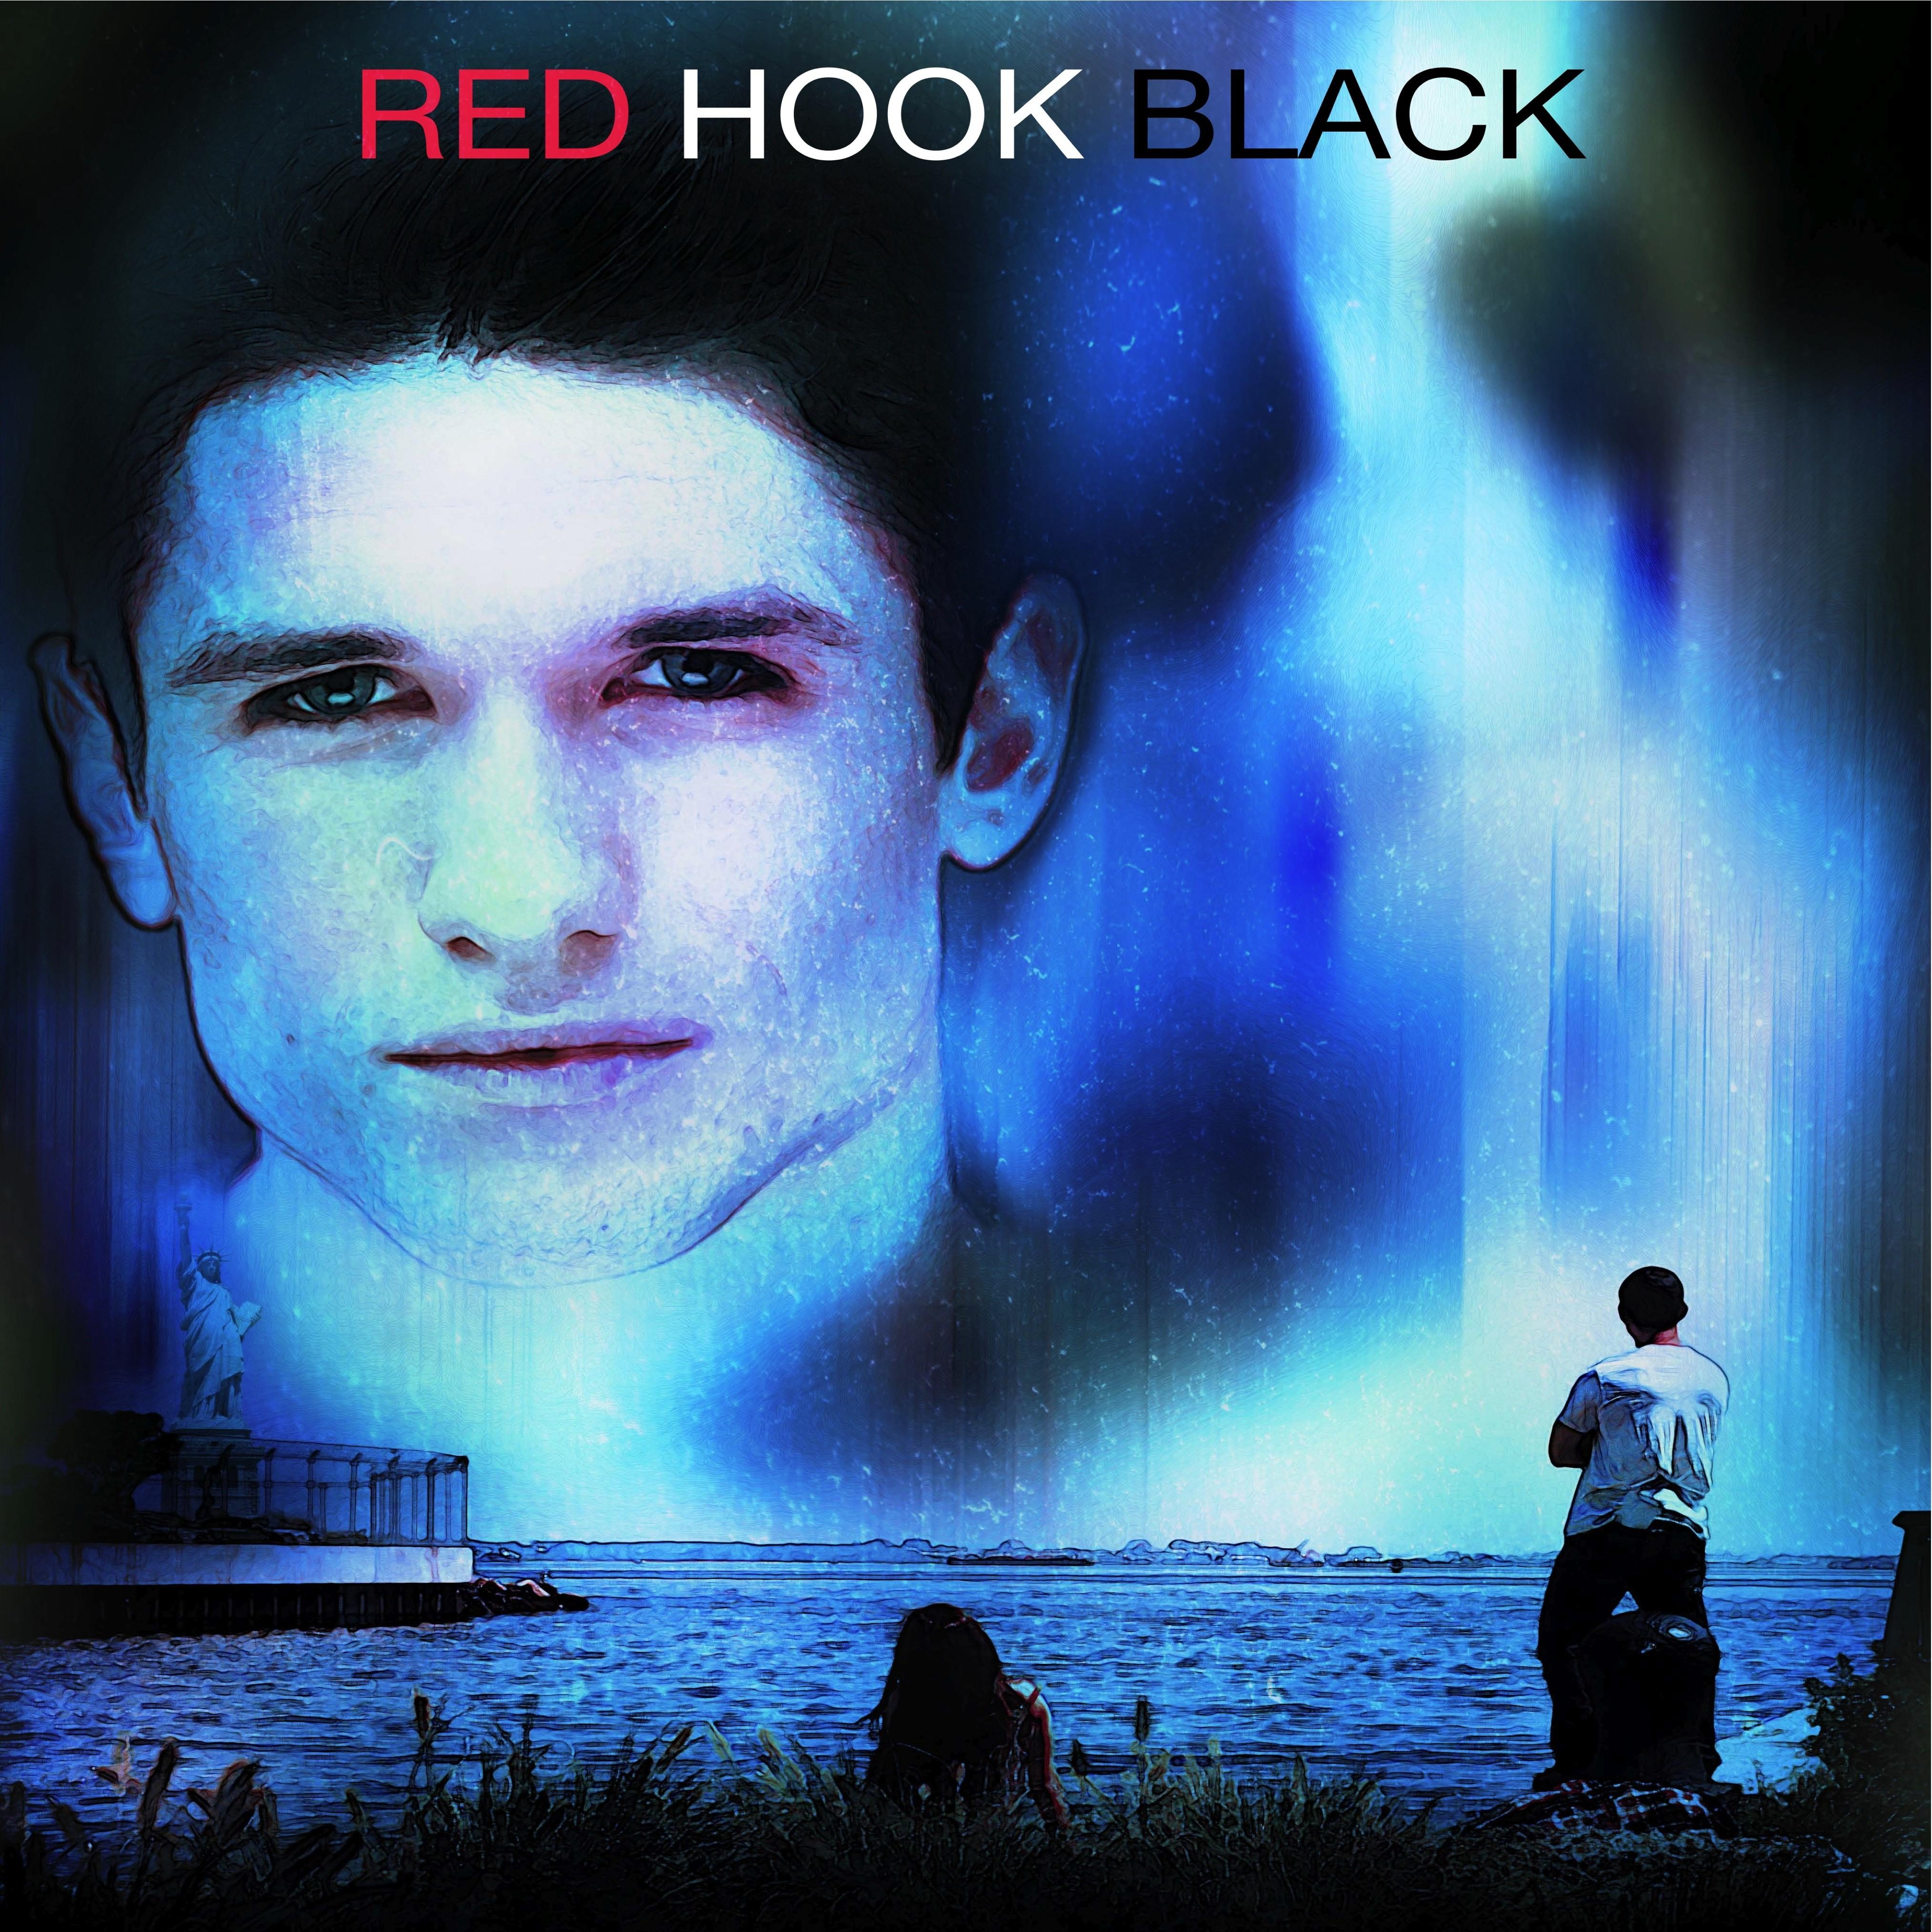 Red Hook Black movie